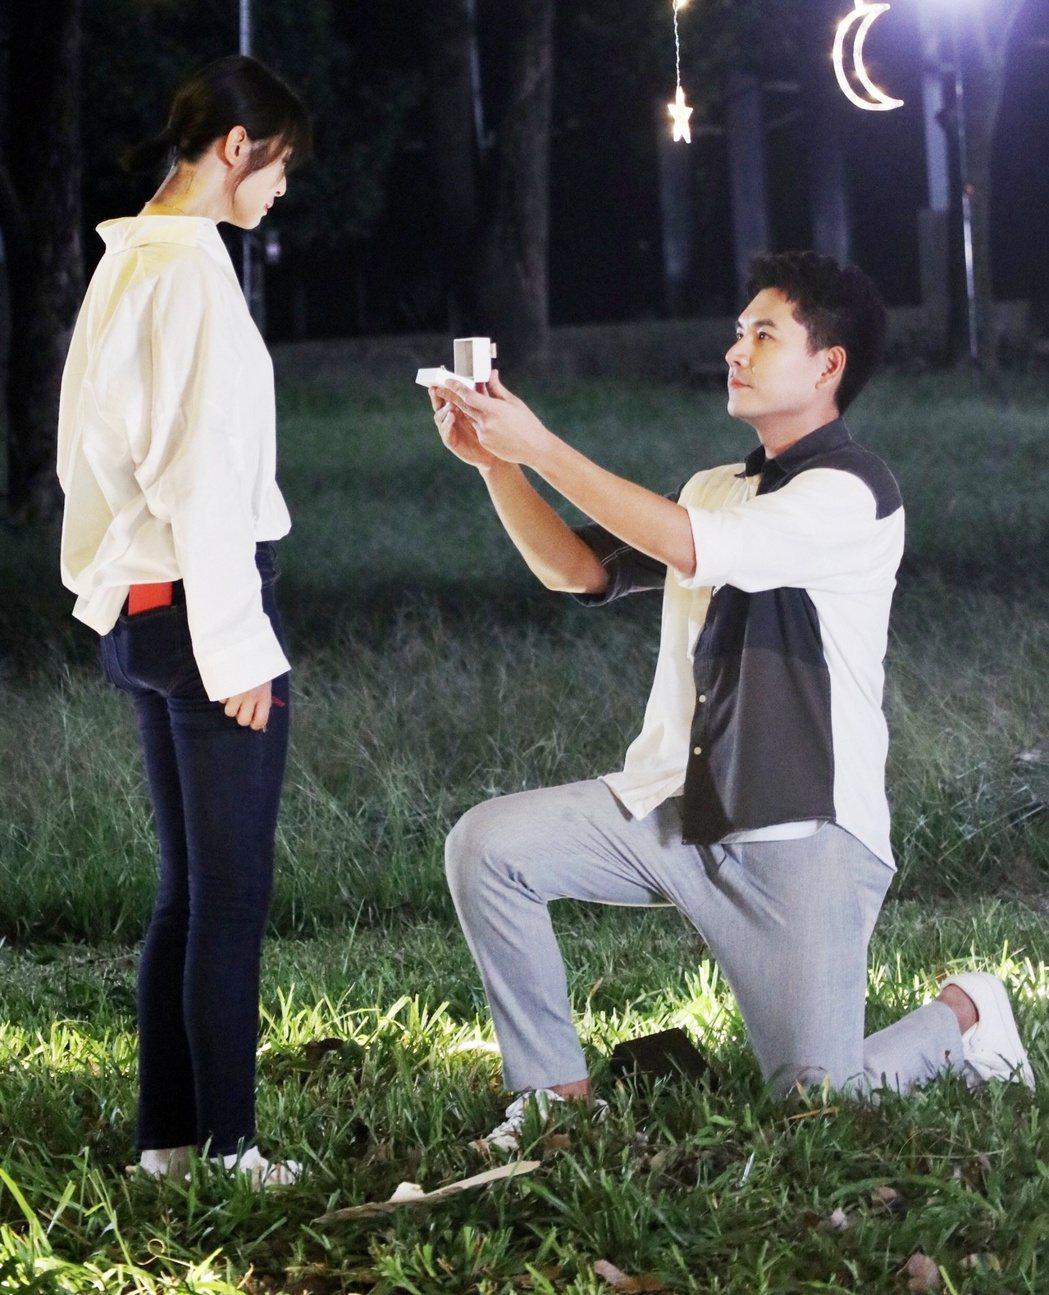 王傳一(右)戲中和賴雅妍下跪求婚,戲外也曾演過同樣戲碼跟老婆求婚。圖/三立提供